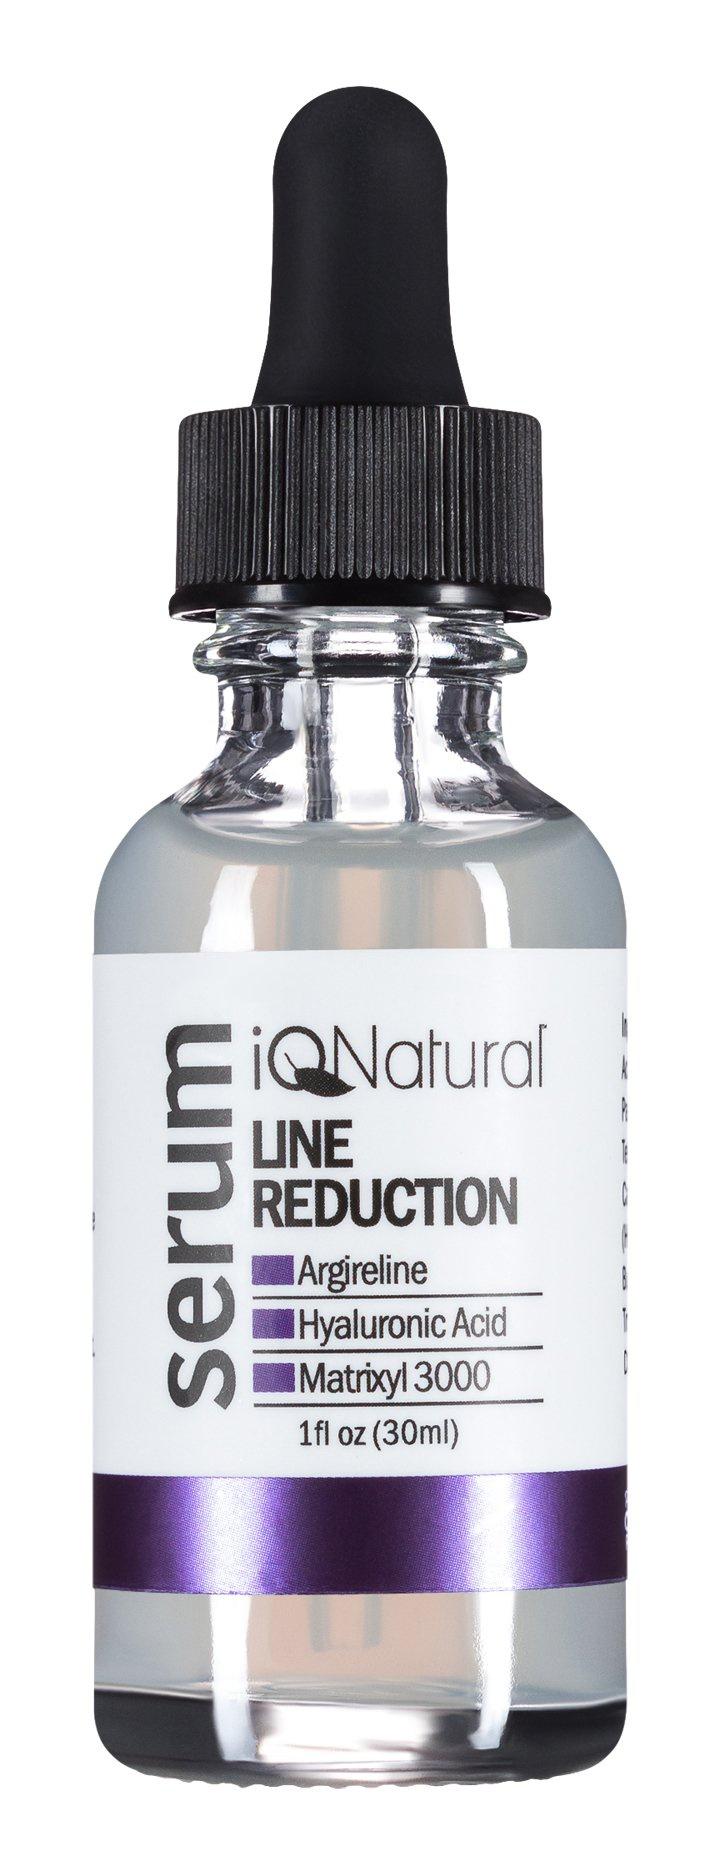 iQ Natural Line Reducing - Argireline Serum